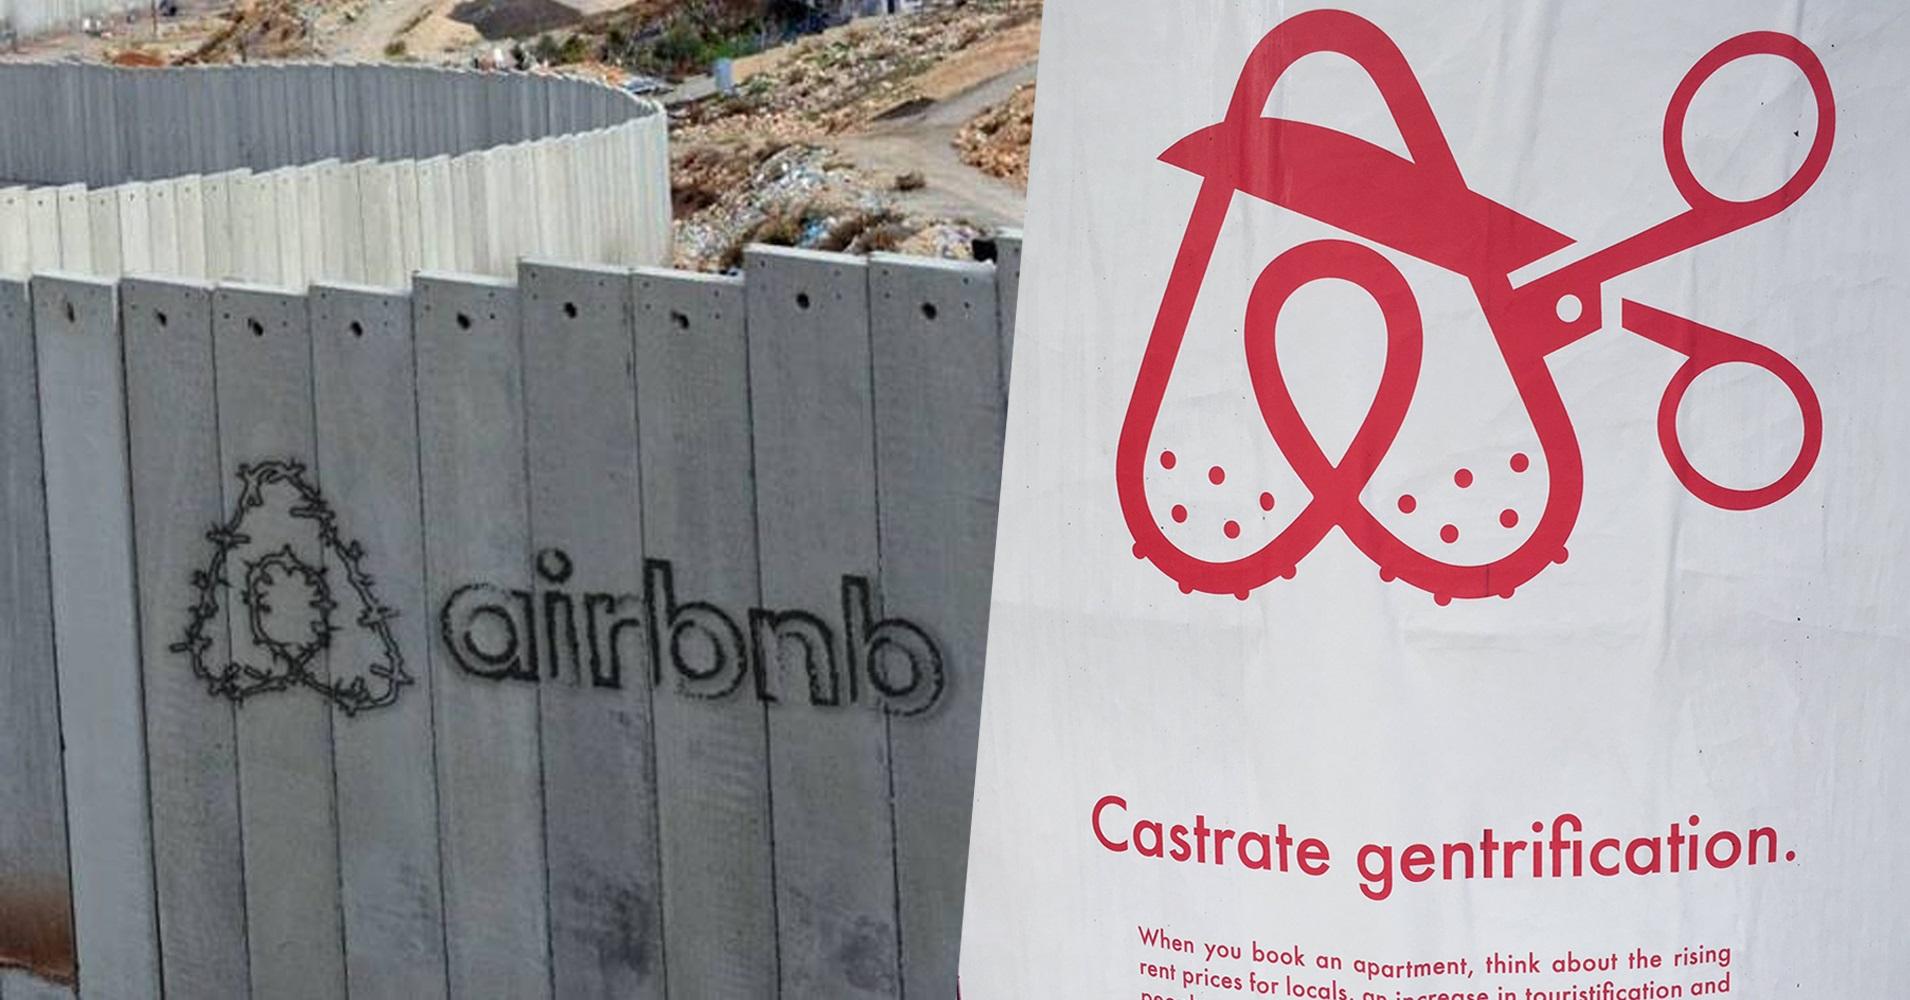 Airbnb: Τι συμβαίνει όταν η «συνεργατική οικονομία» αρπάζει τις πόλεις από τους κατοίκους τους;